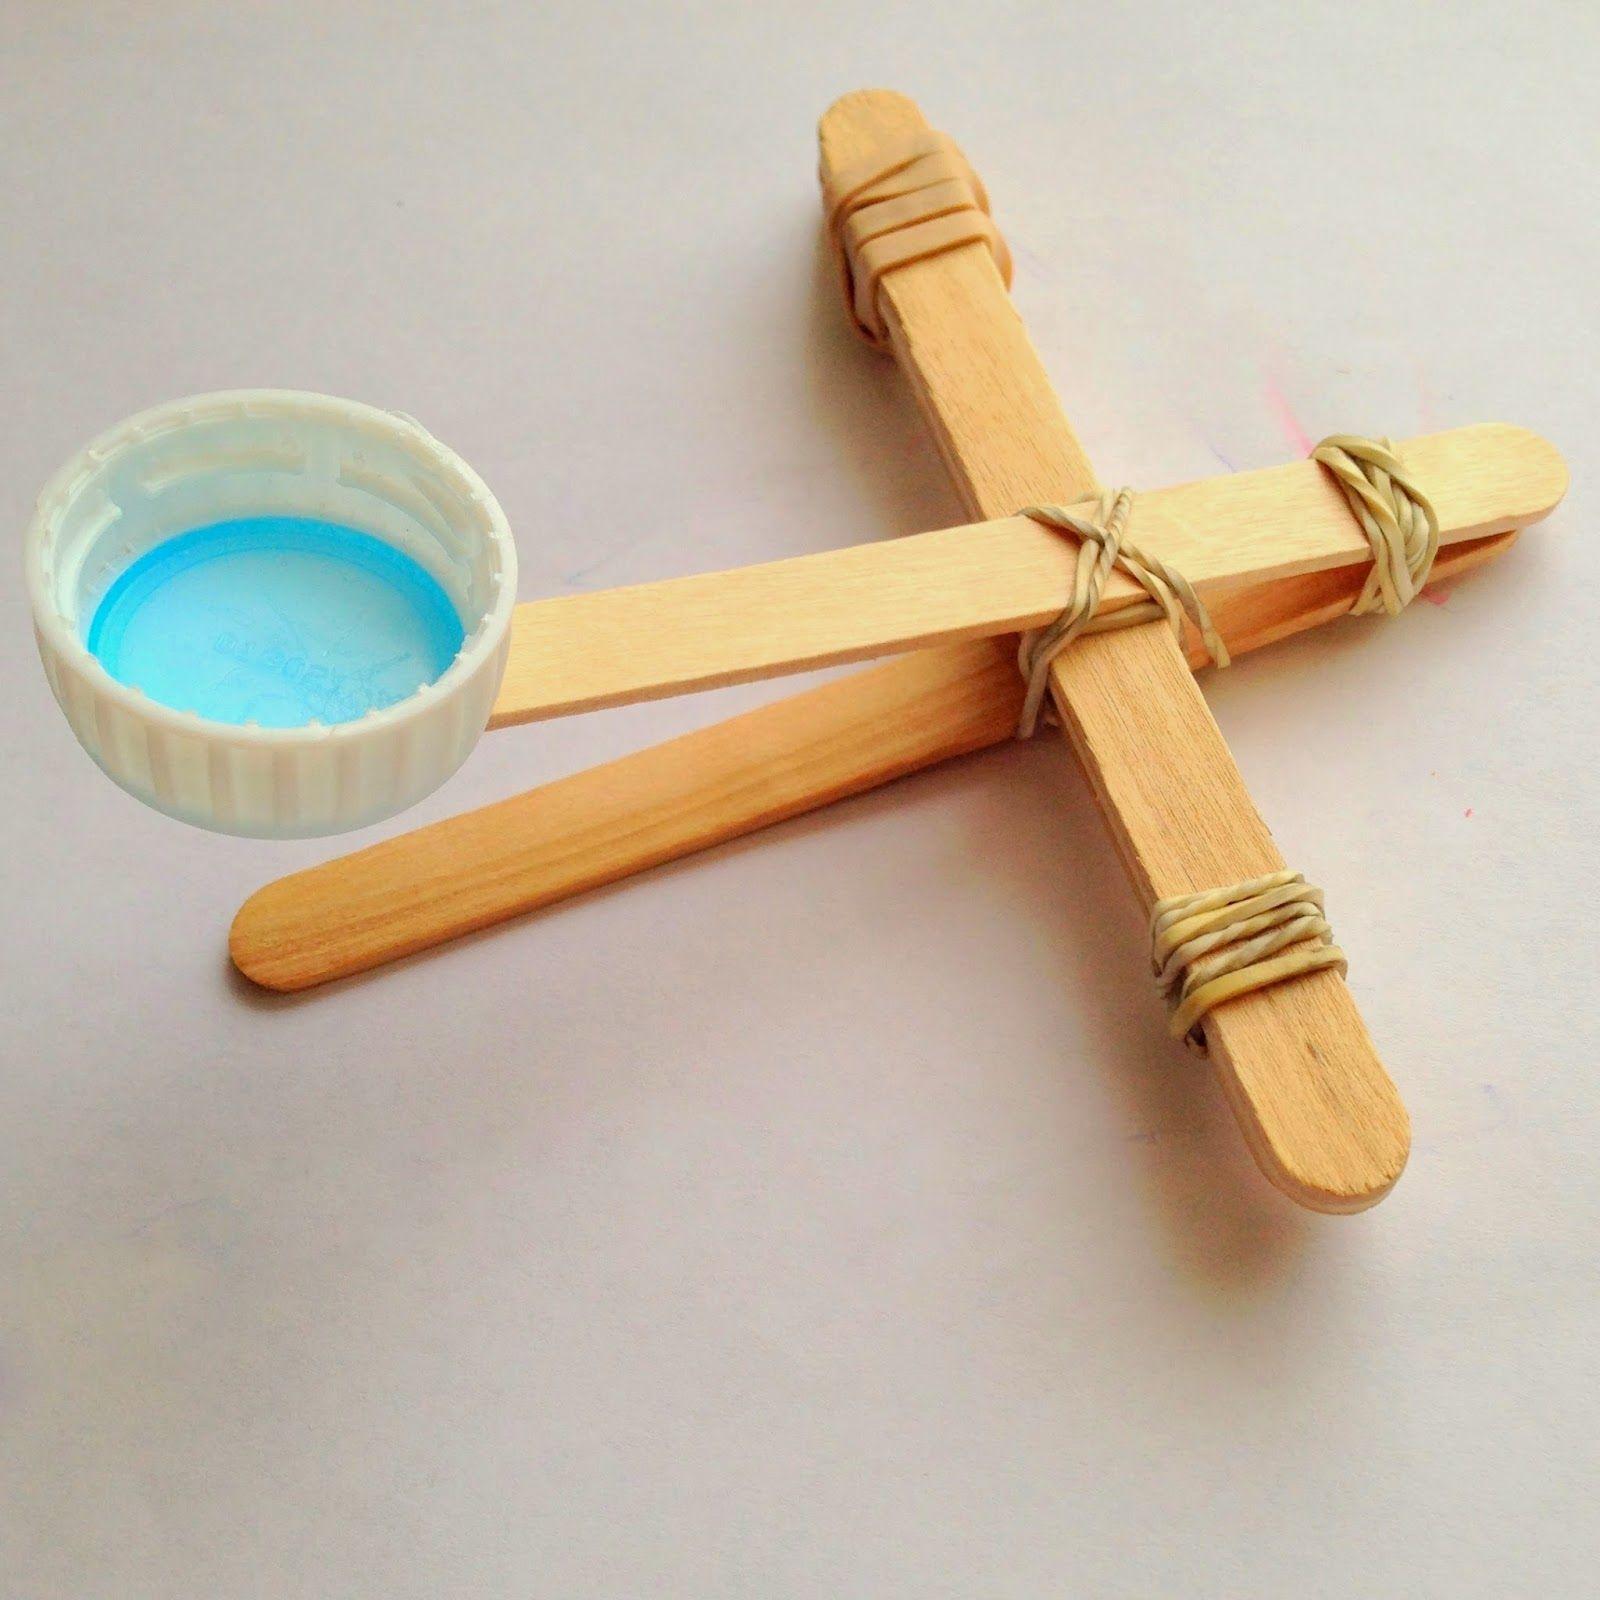 Best Spoon Catapult Design